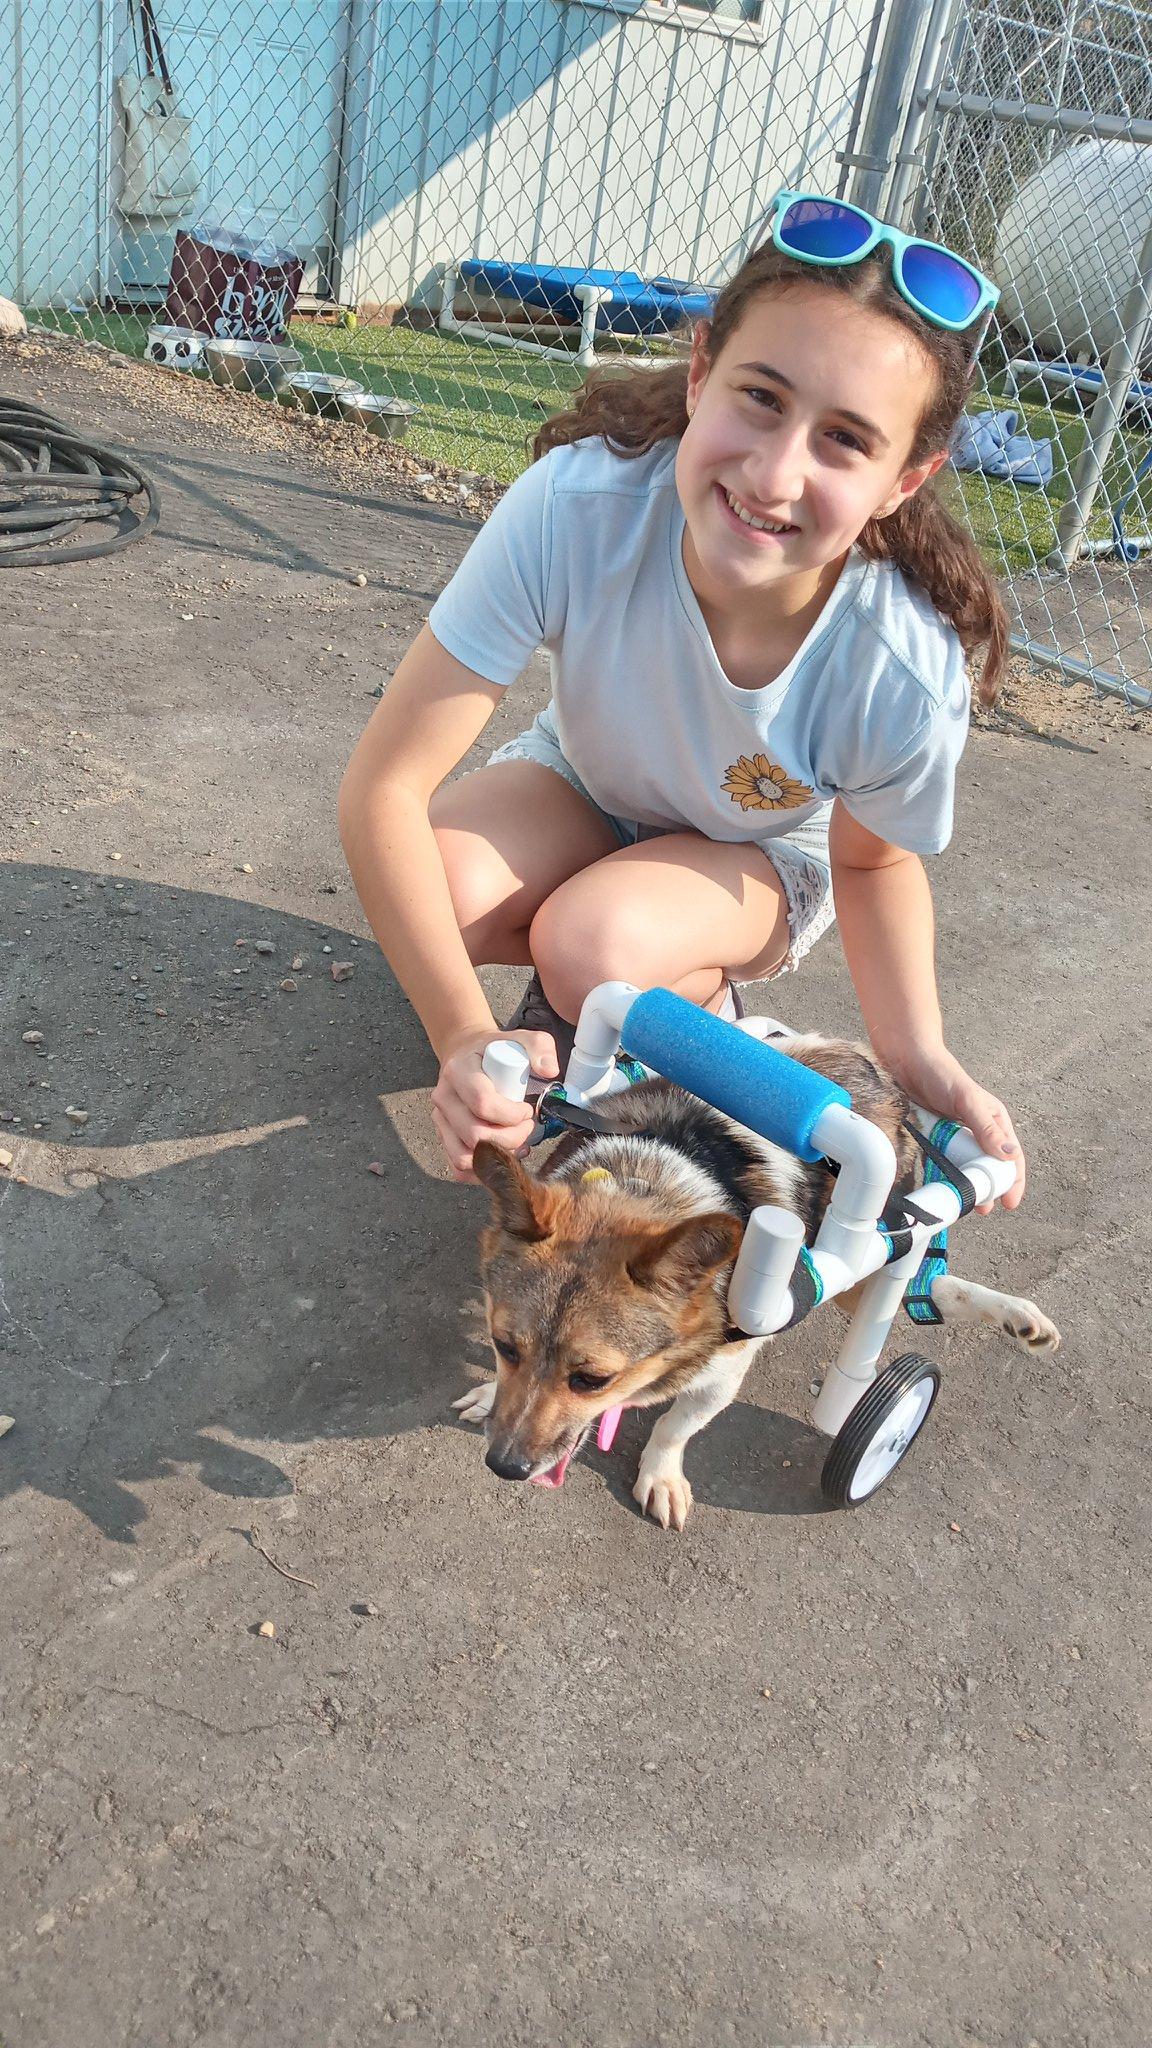 девушка и собака в инвалидной тележке